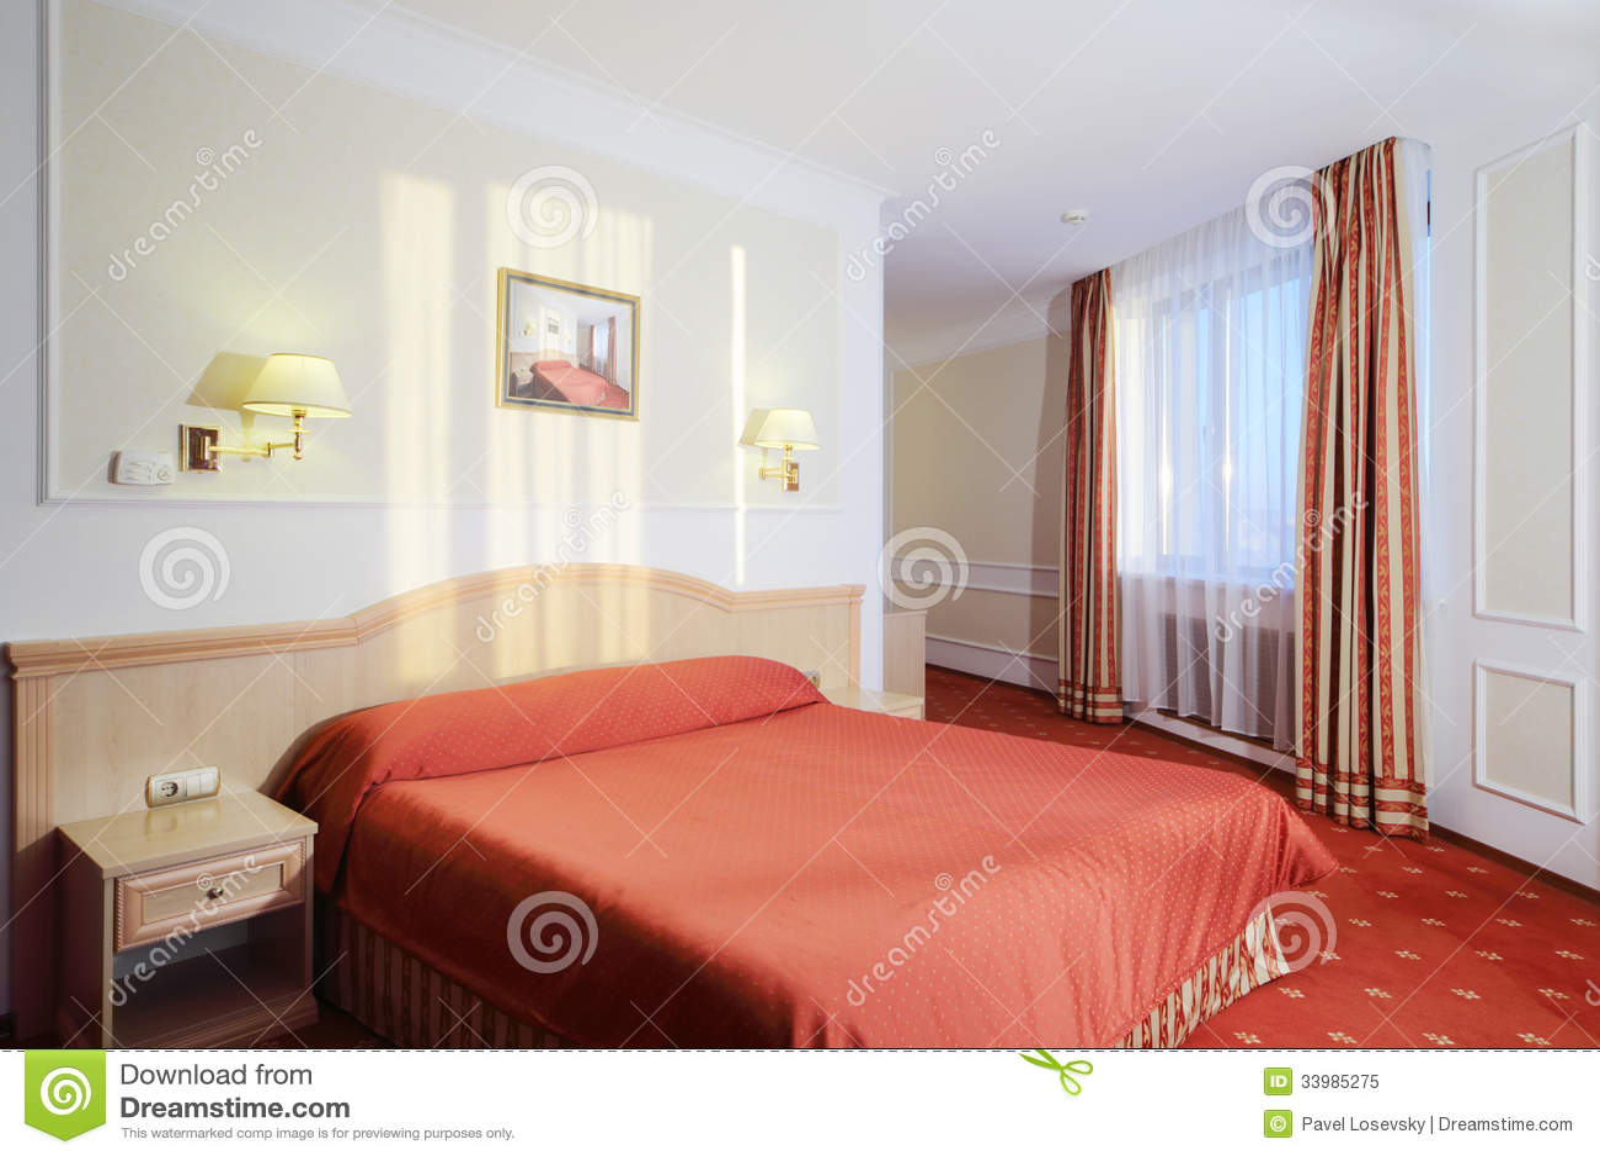 Camera Da Letto Semplice Con Letto Matrimoniale Con Tela Rossa ...